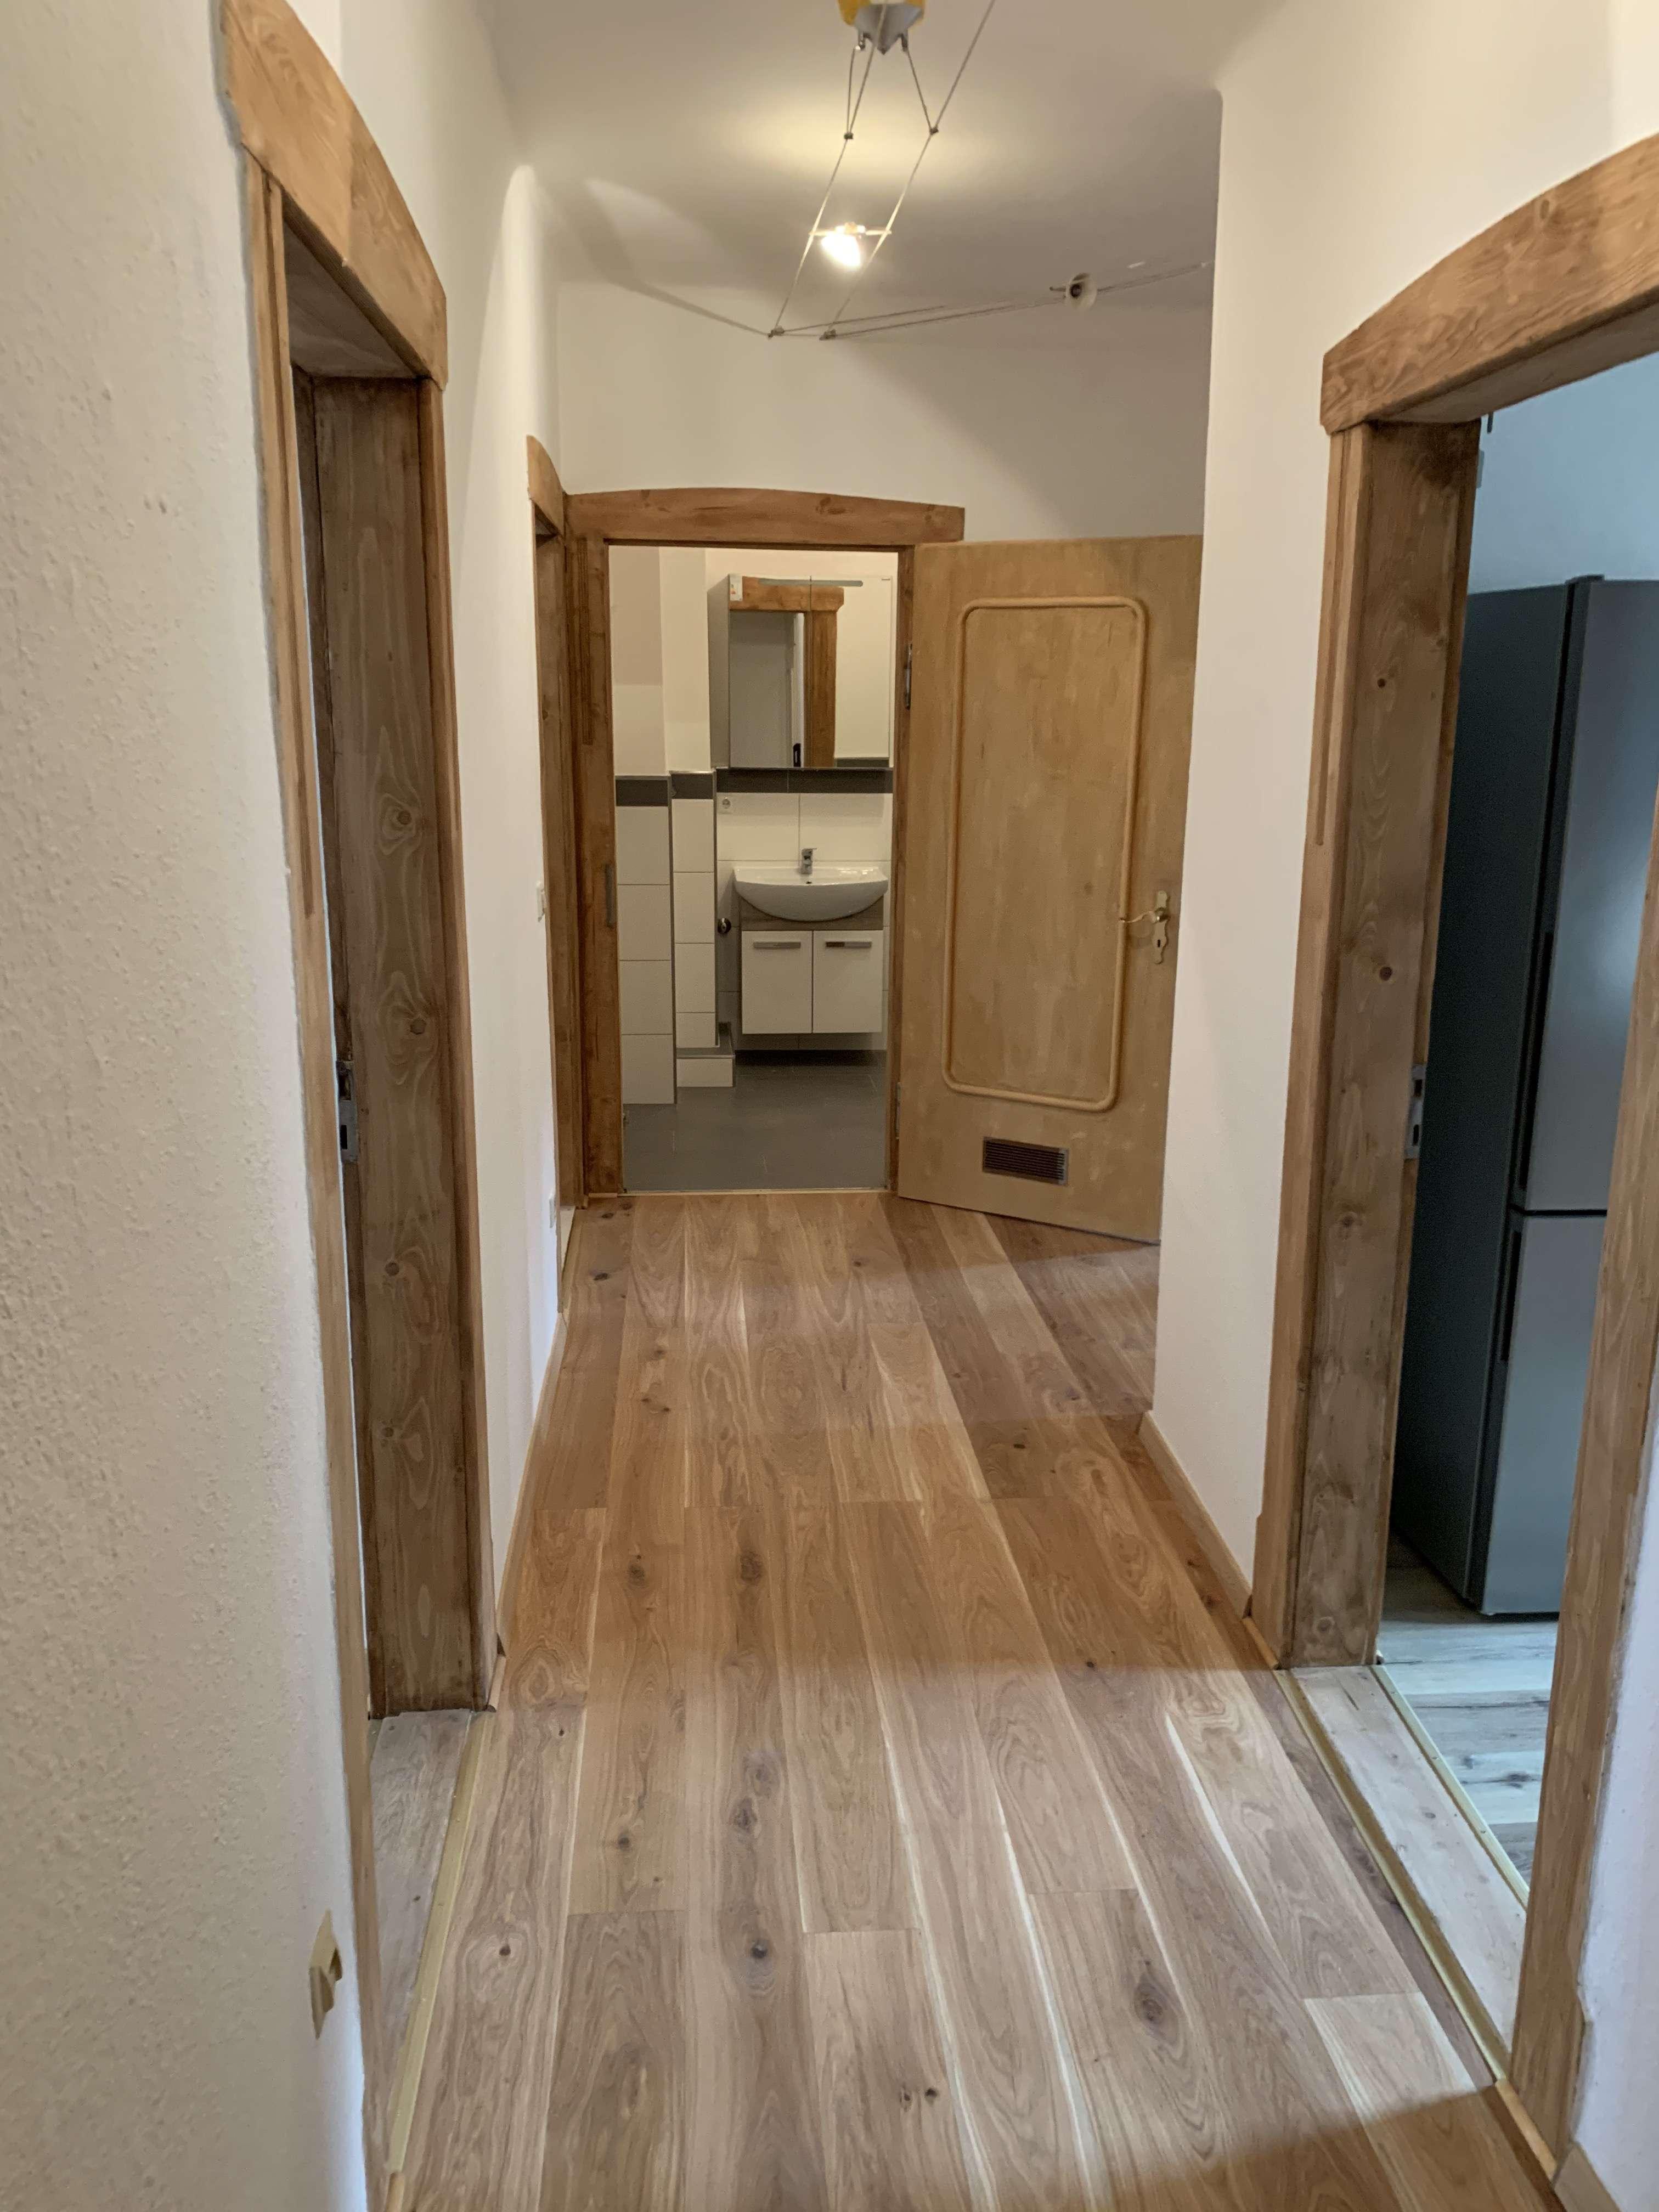 Helle vollständig renovierte 3-Zimmer-Altbauwohnung mit Balkon und Einbauküche in Nürnberg in Veilhof (Nürnberg)